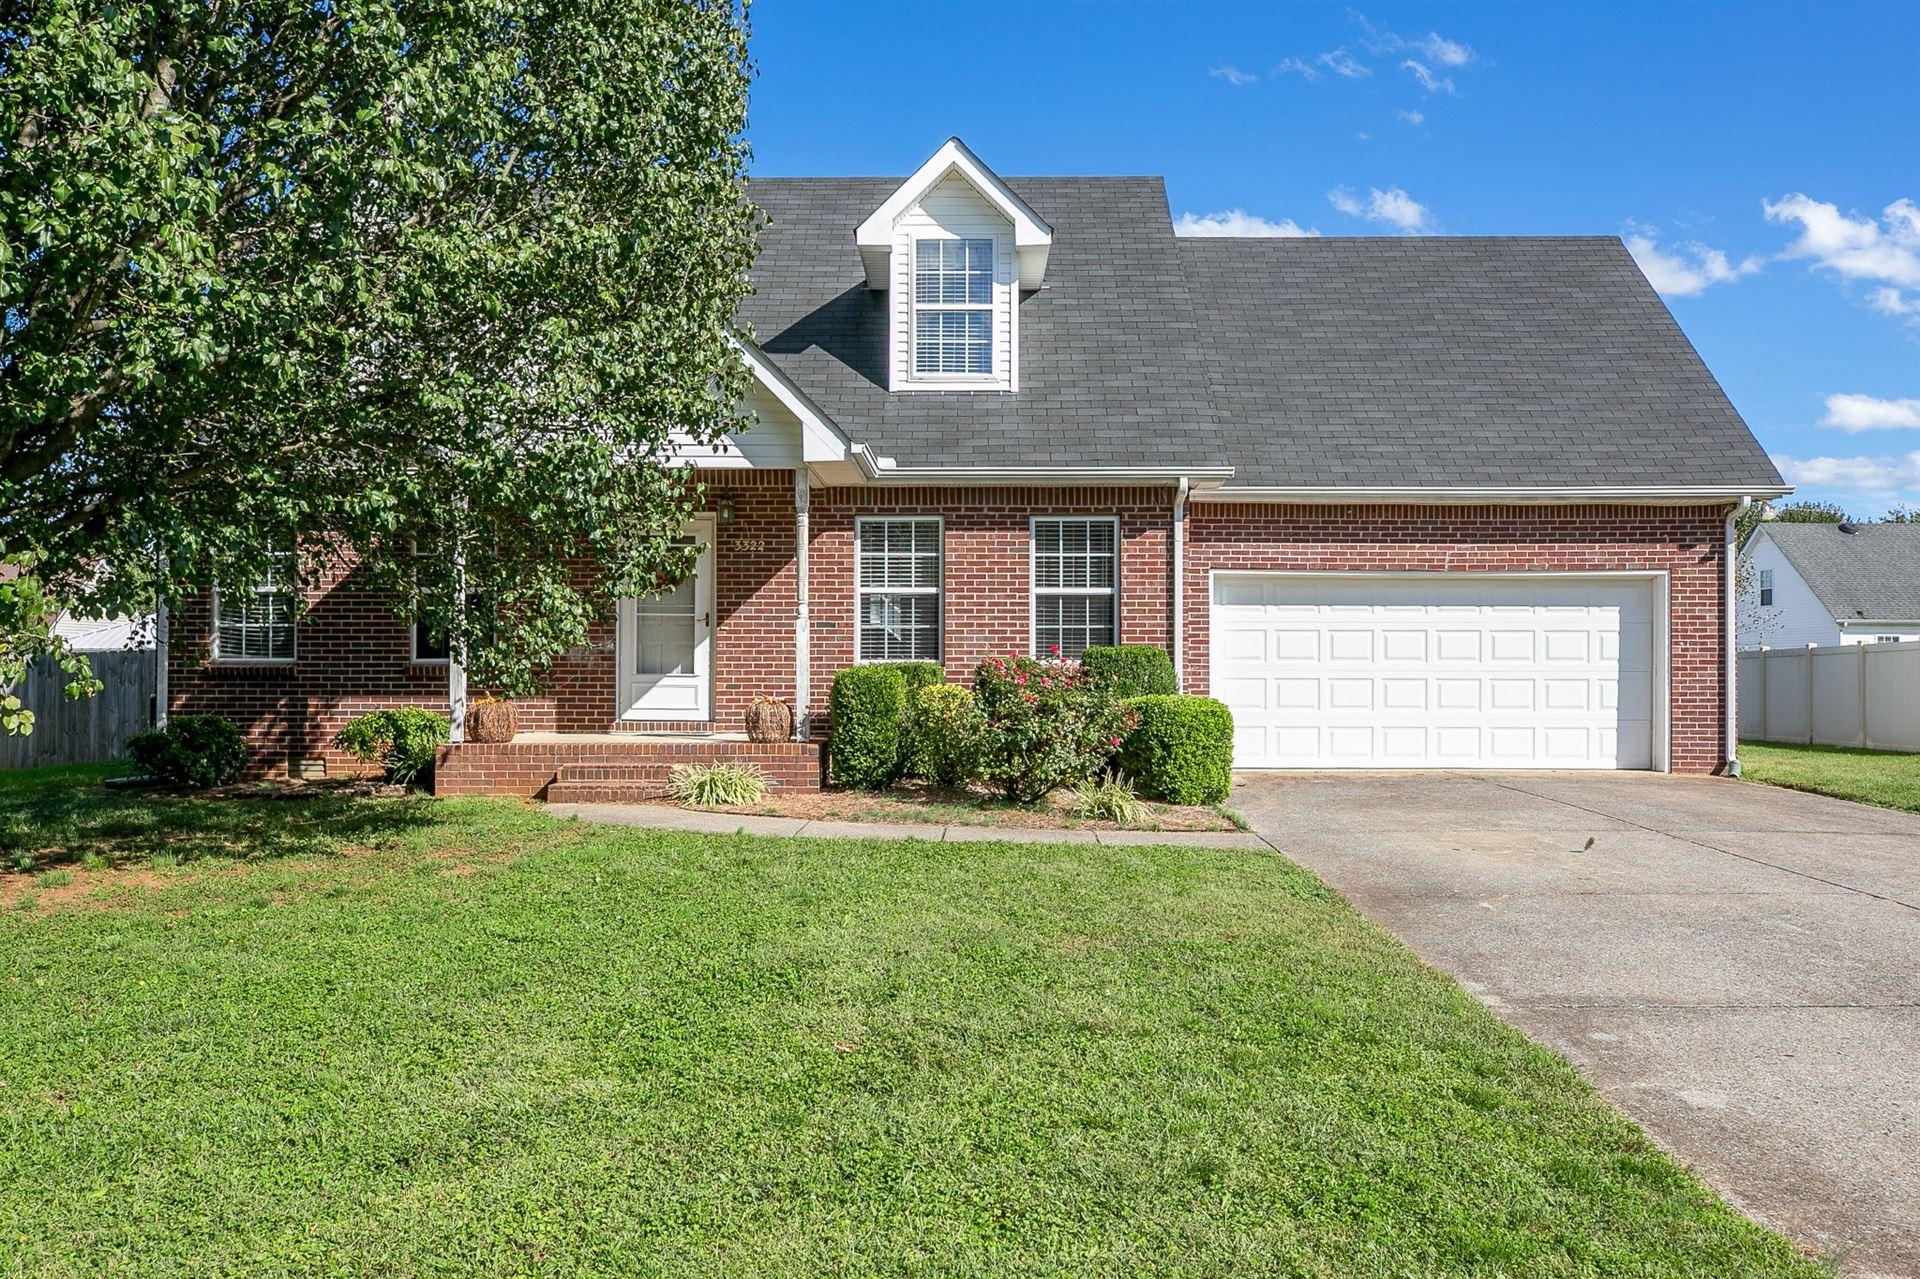 Photo of 3322 Conway Ct, Murfreesboro, TN 37130 (MLS # 2299947)